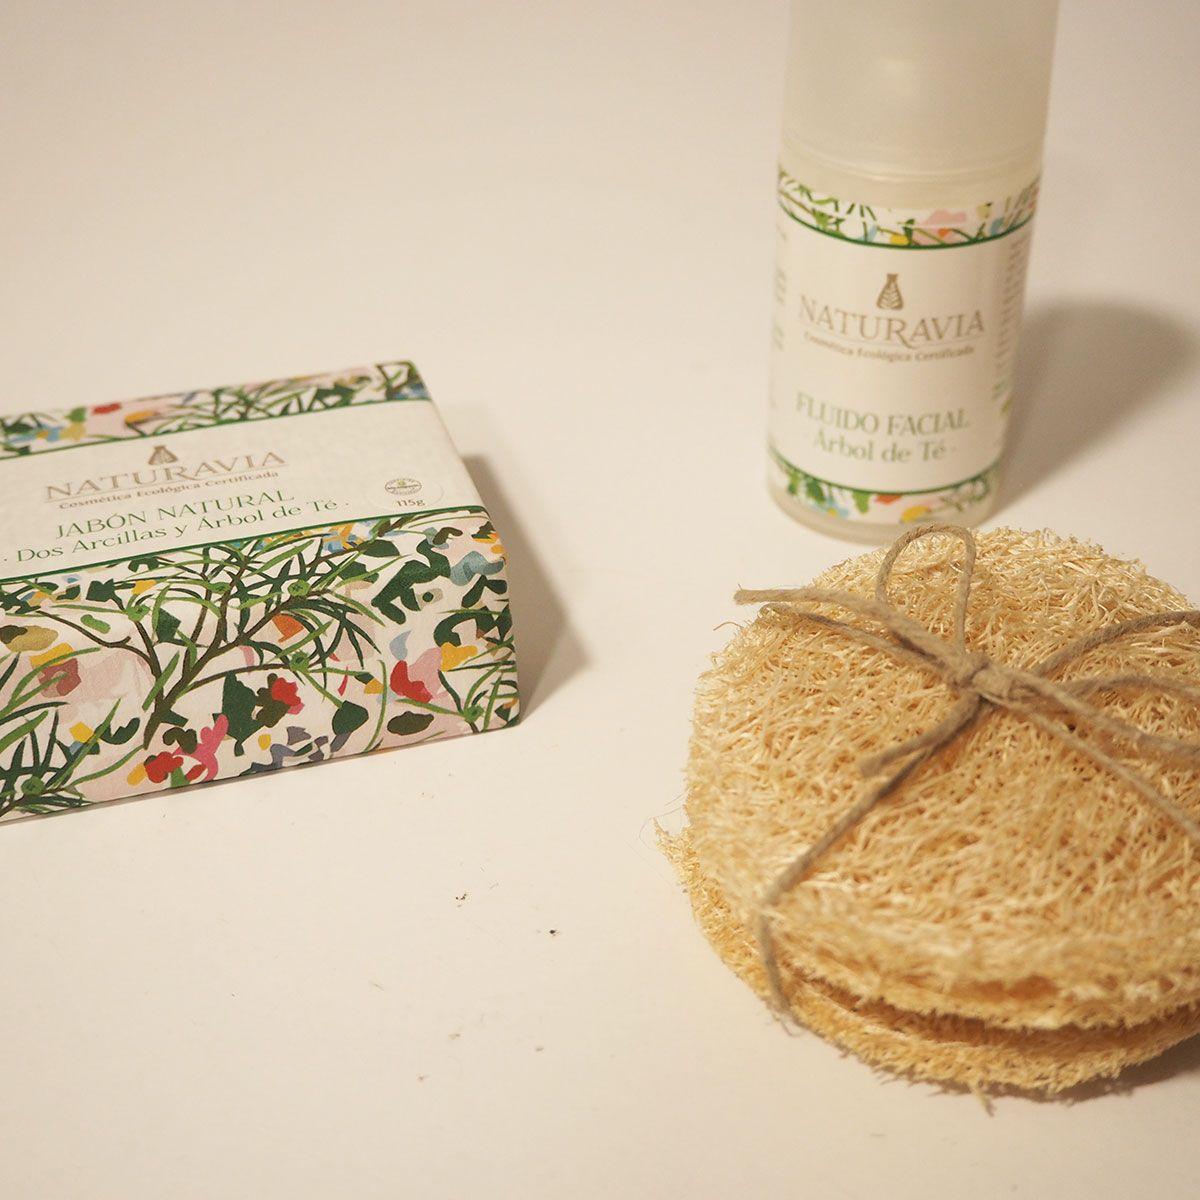 Árbol de té pack pieles grasas ecológico